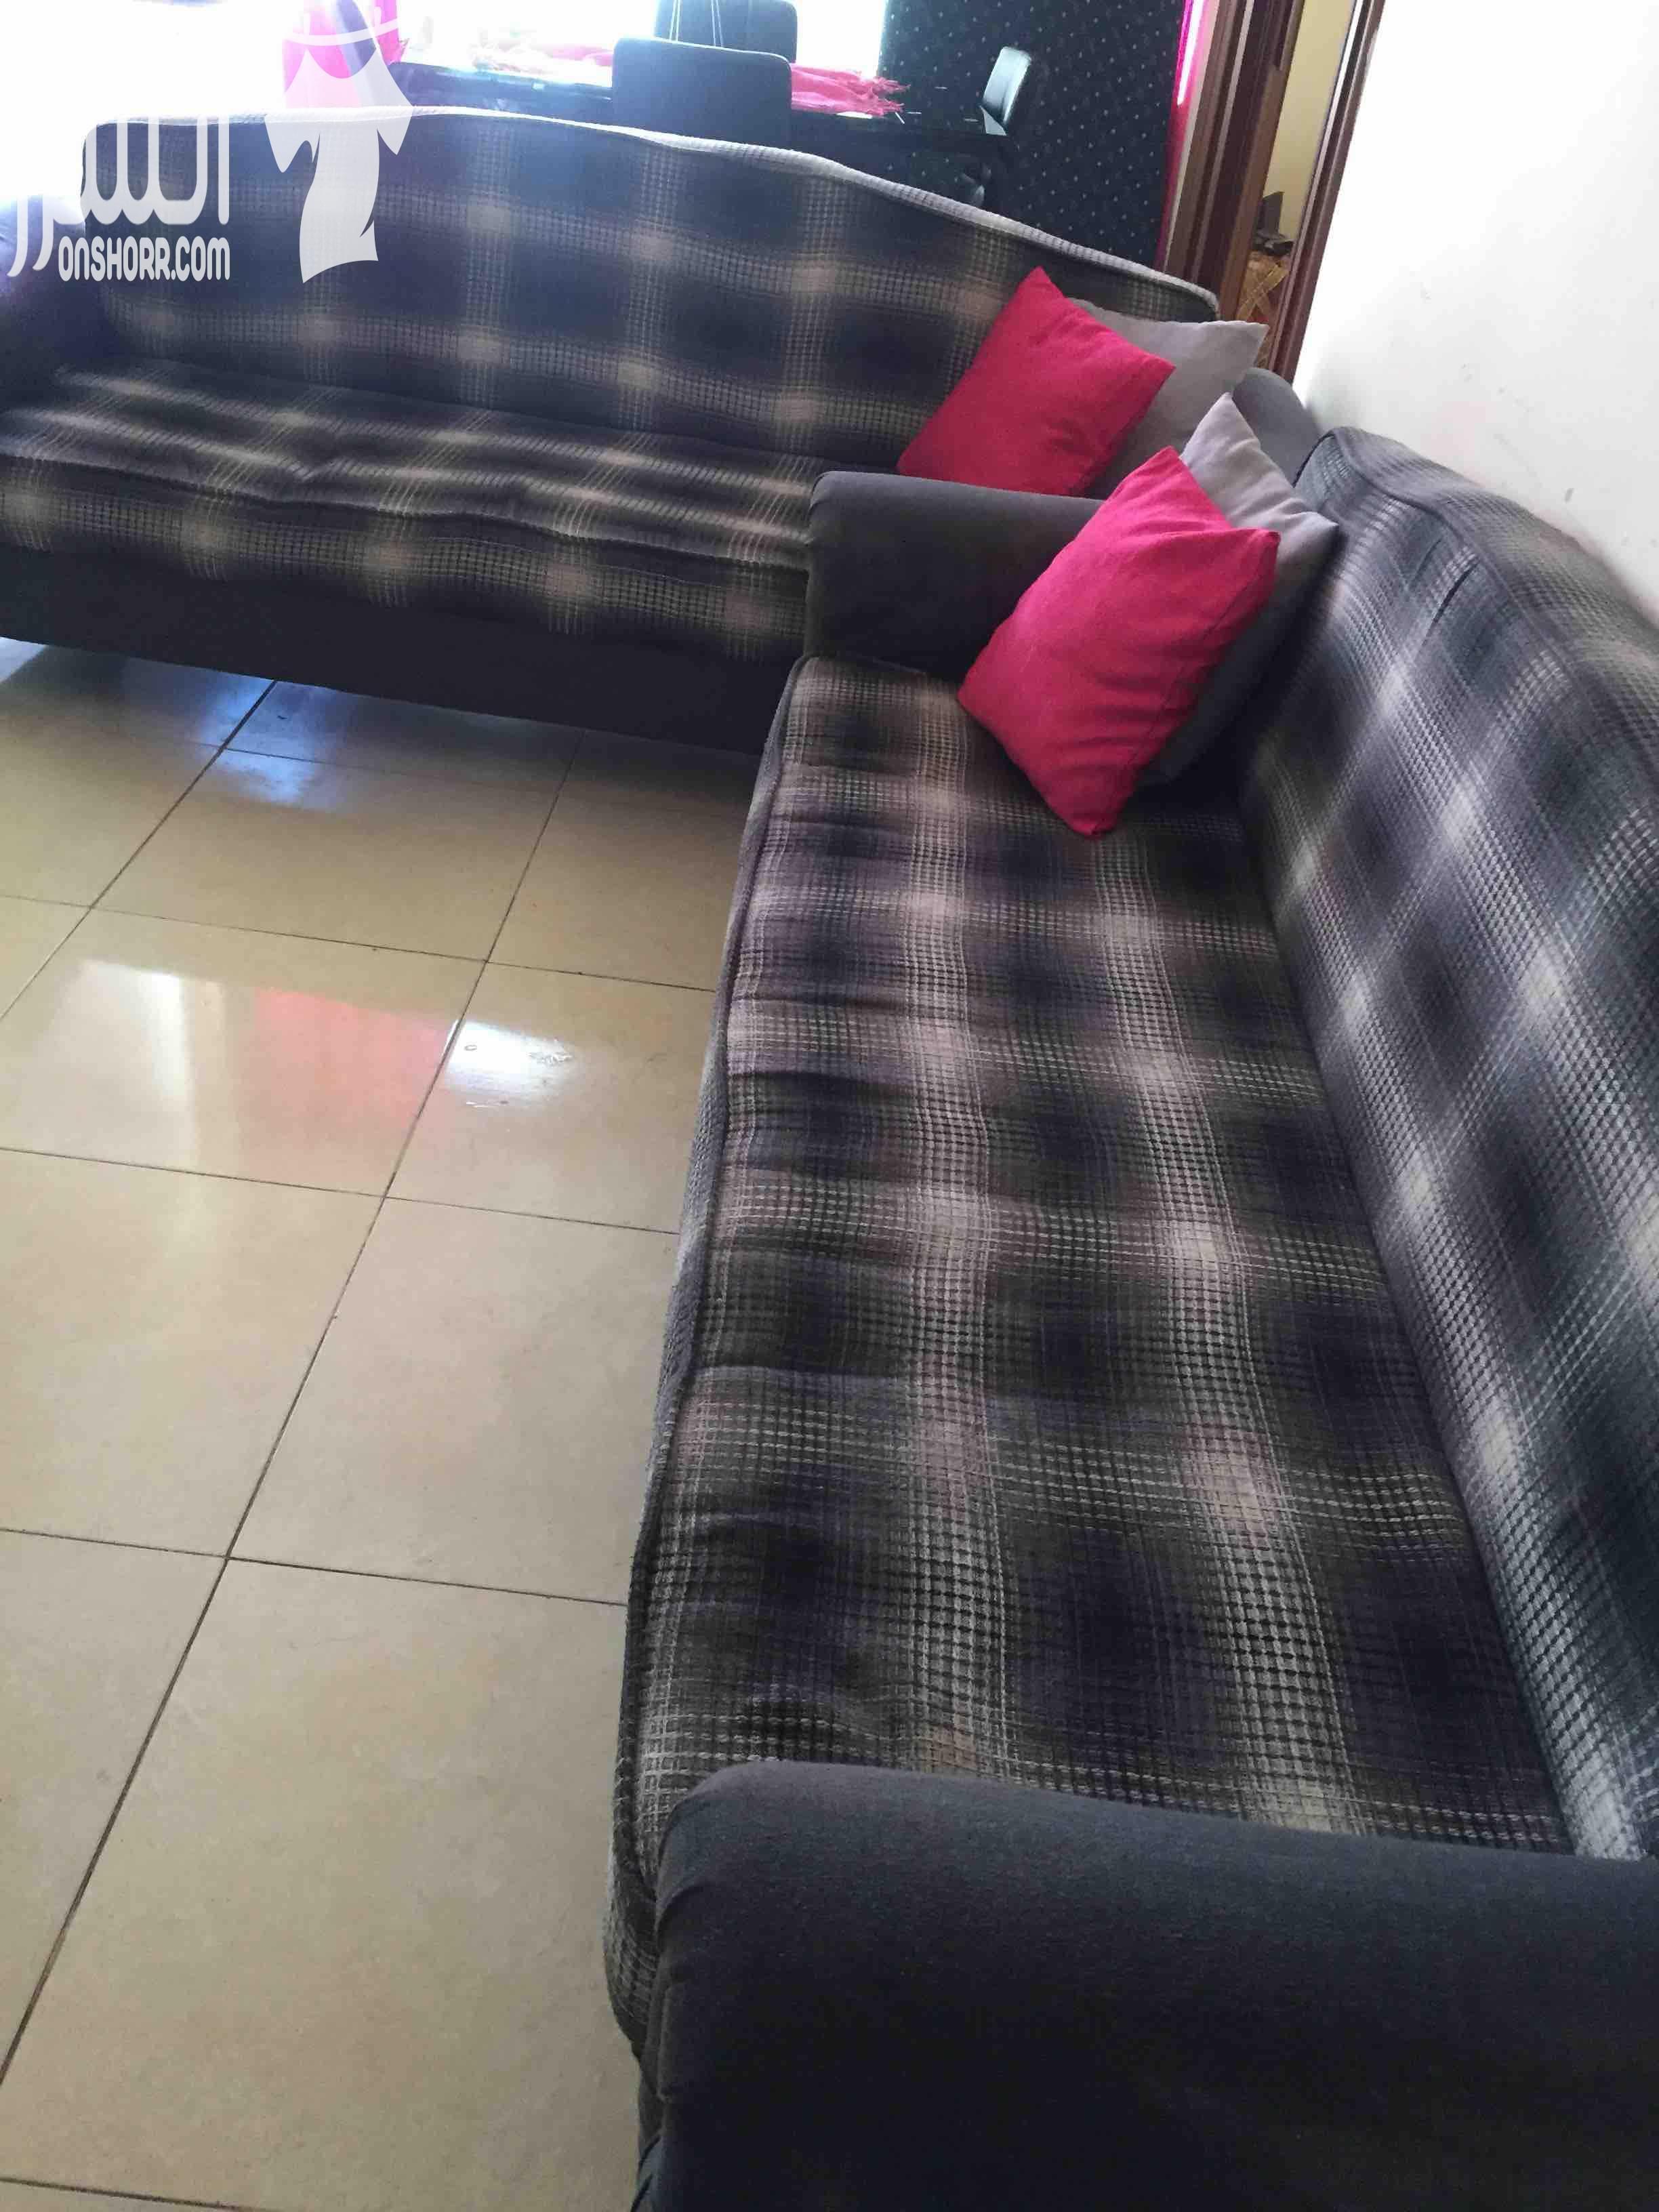 Furniture buyer in Dubai-  صوفا عدد 2 استعمال خفيف...